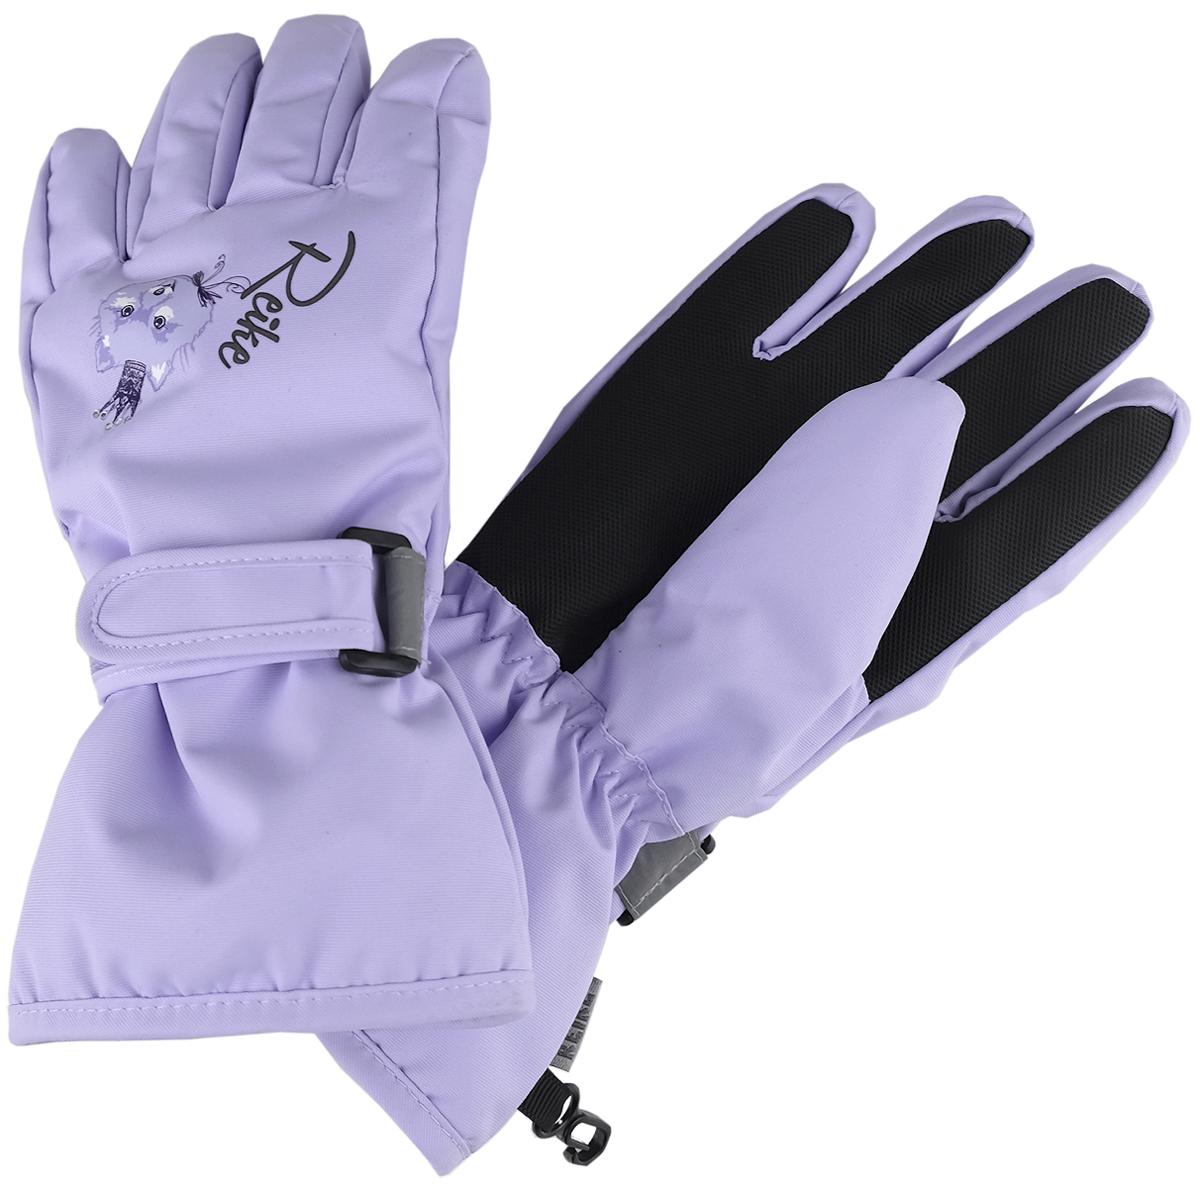 Перчатки для девочки Reike Забавный горностай, цвет: фиолетовый. RW18_FE purple. Размер 6RW18_FE purpleПерчатки для девочки Reike Забавный горностай выполнены из ветрозащитной, водонепроницаемой и дышащей мембранной ткани, декорированной принтом в стиле коллекции. Мягкая подкладка из флиса обеспечивает дополнительный комфорт и тепло. Запястья оформлены резинкой и регулируемой липучкой, ладони и пальцы дополнительно усилены.